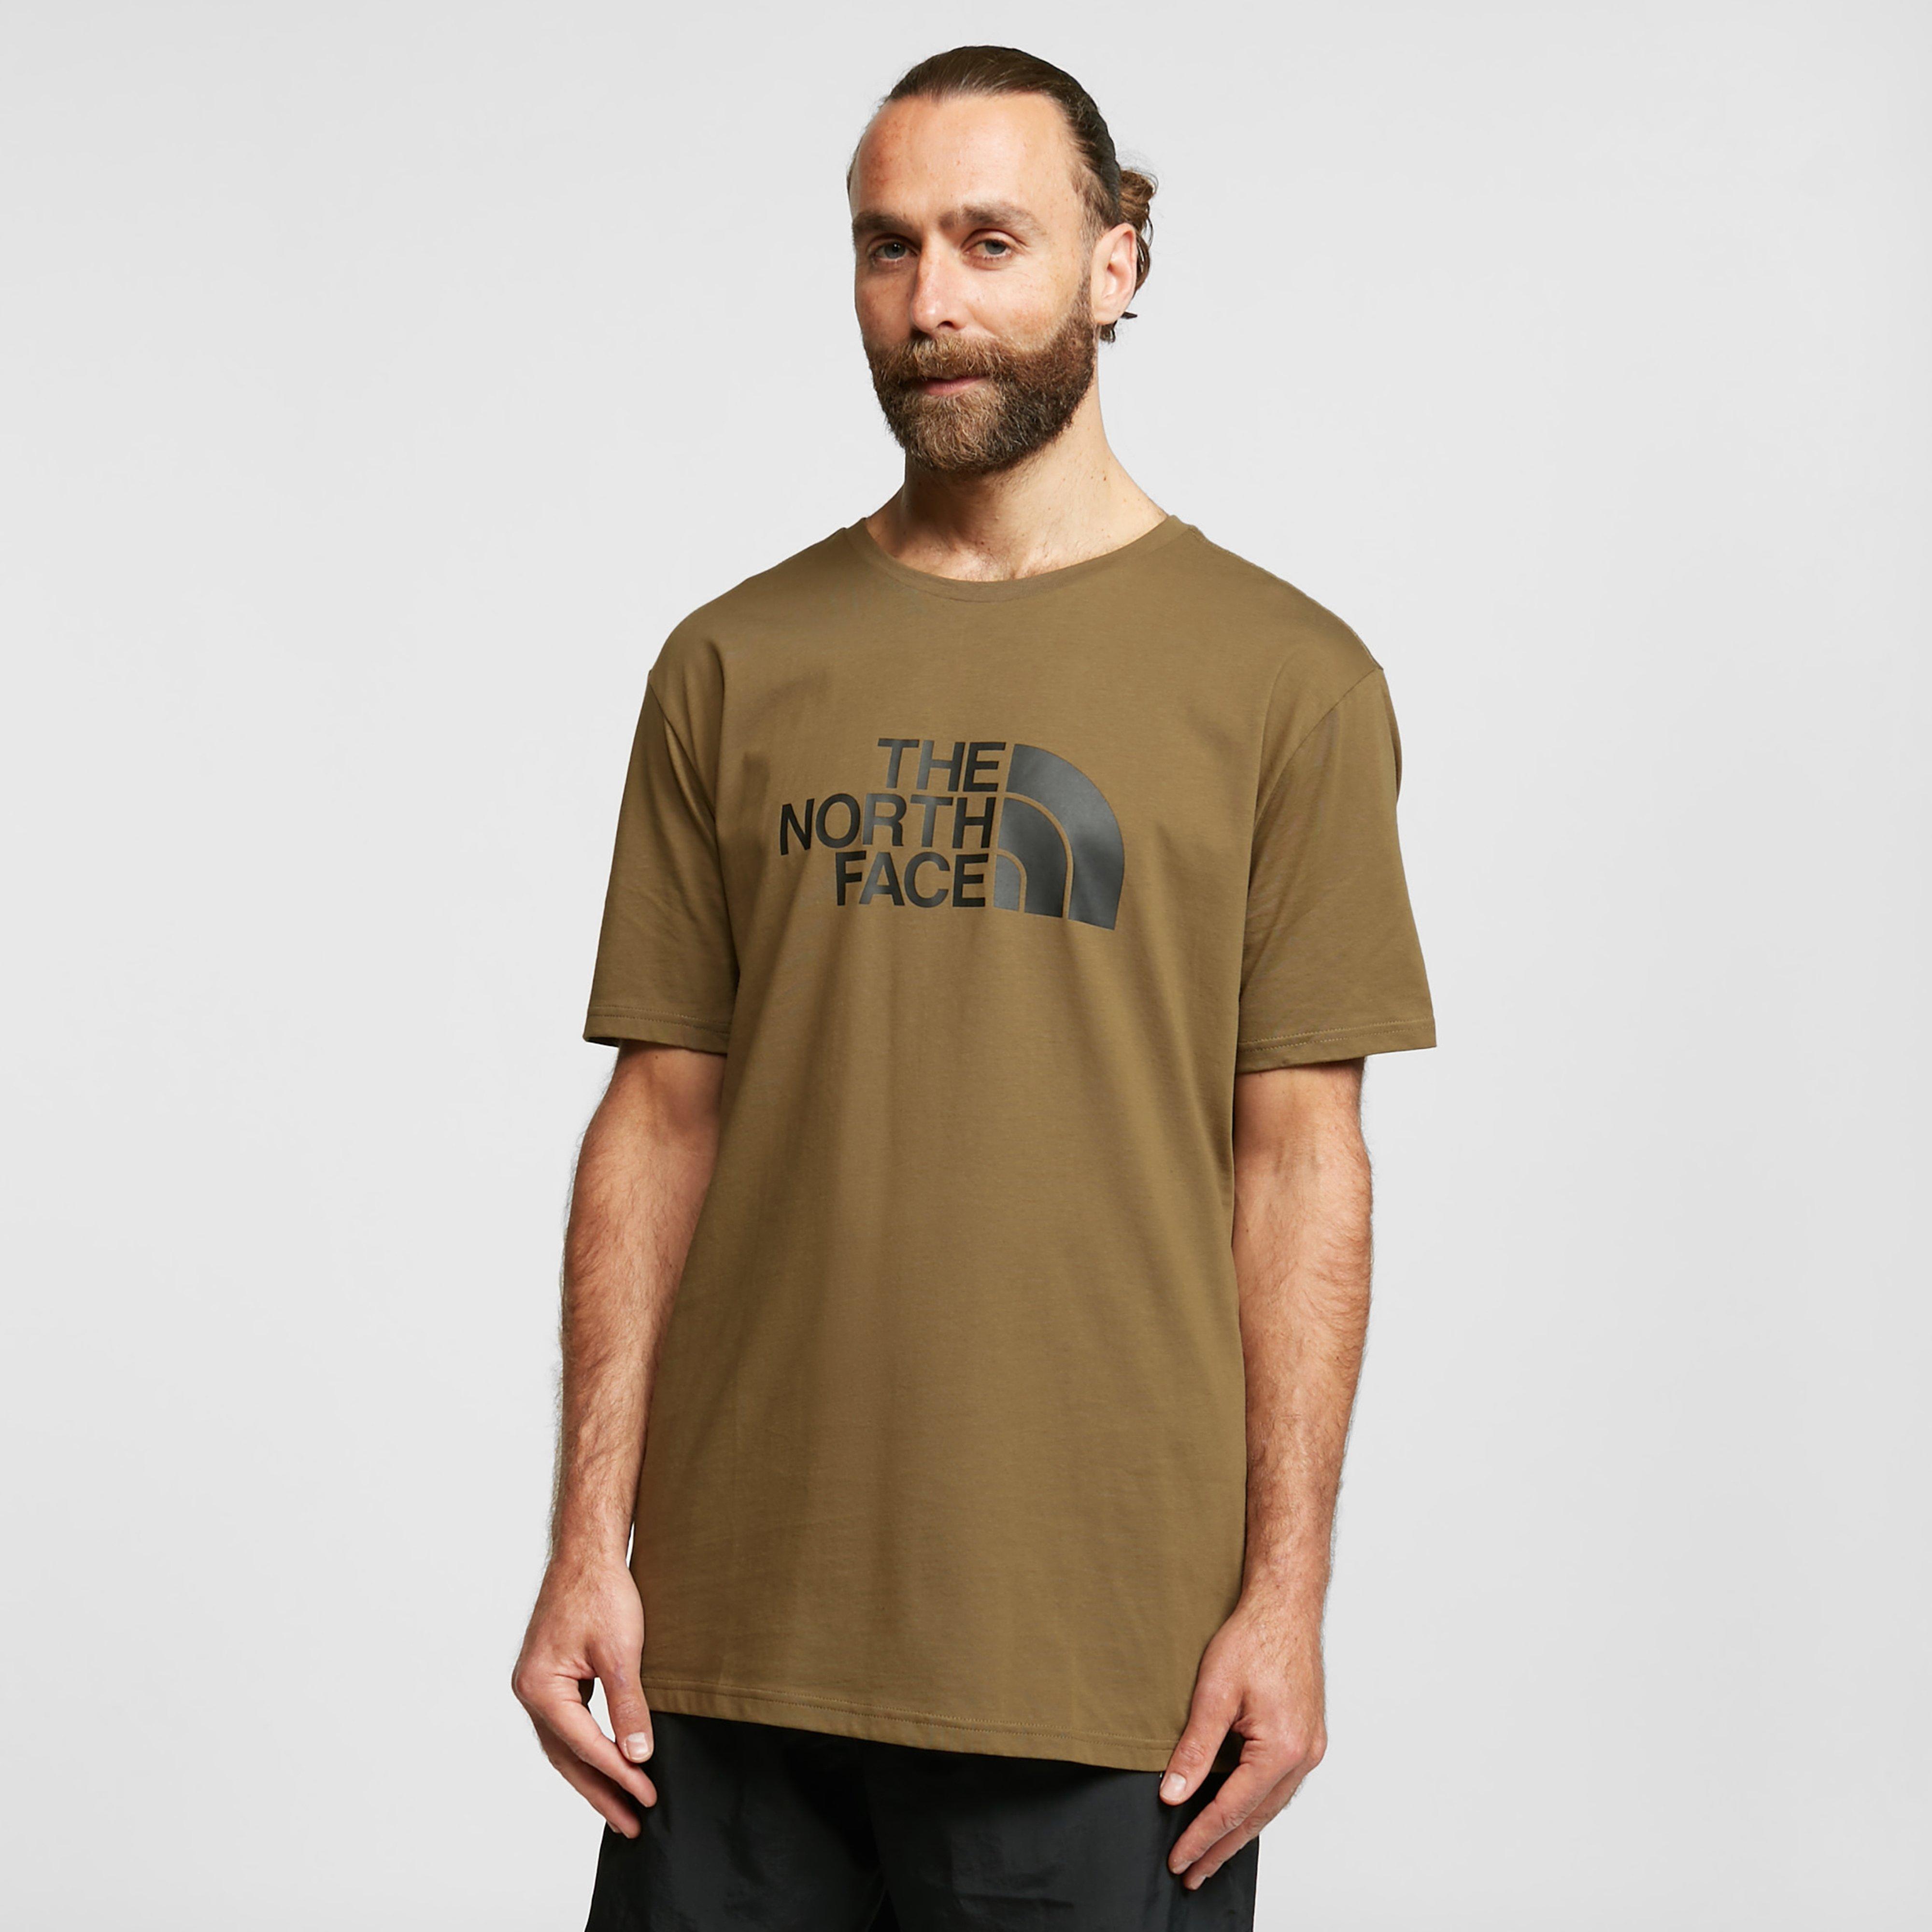 The North Face Mens Easy Short-sleeve T-shirt - Khaki/khaki  Khaki/khaki